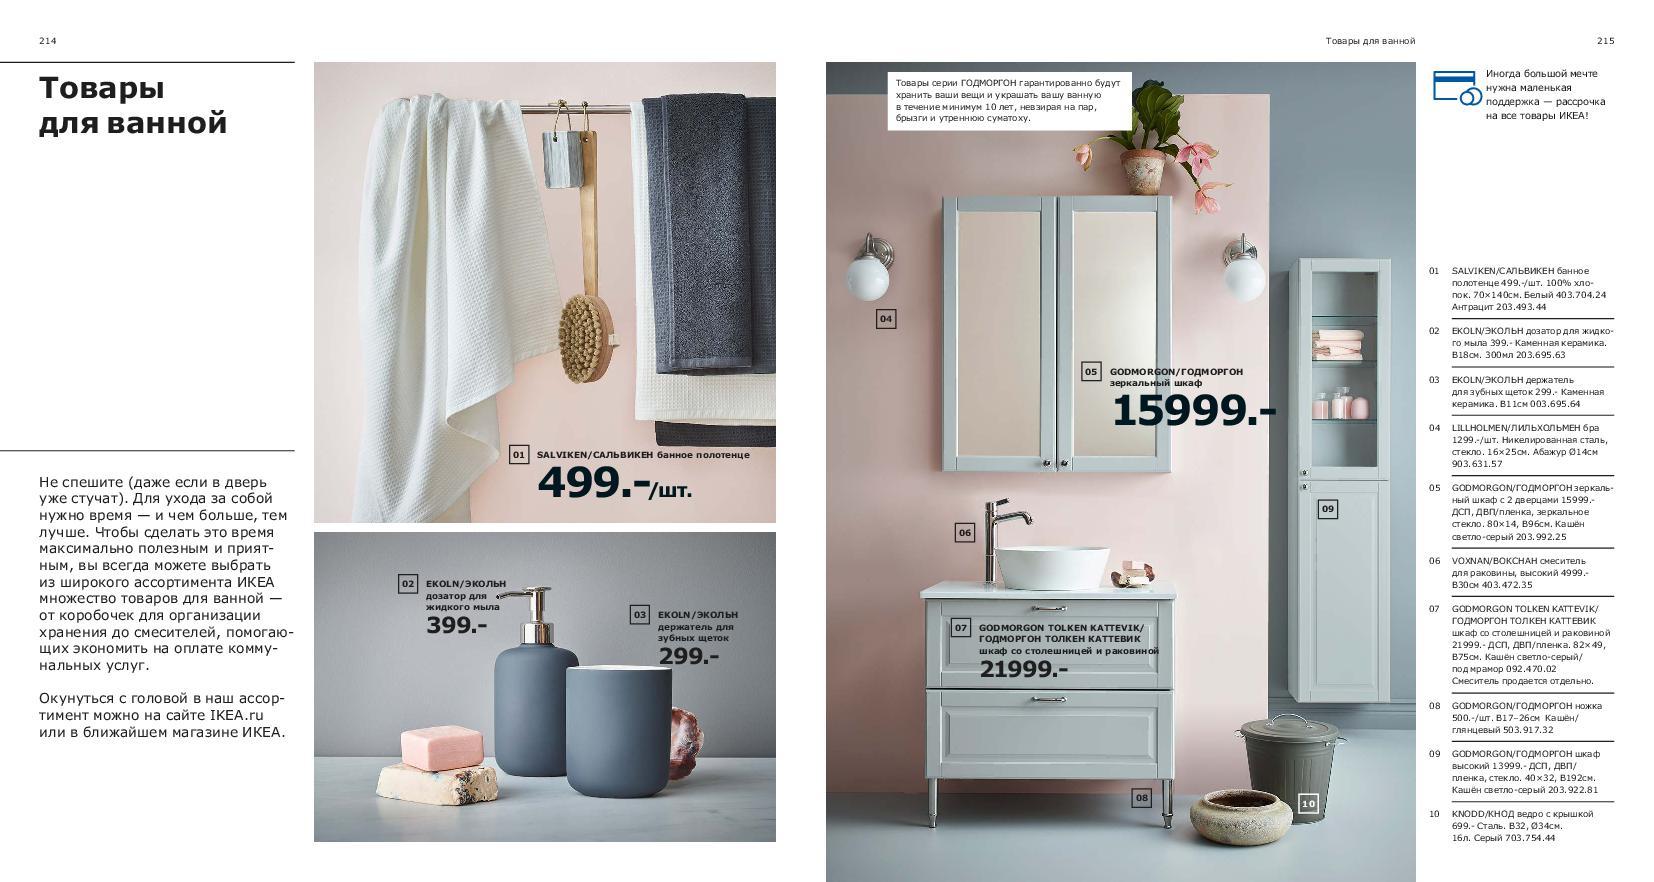 IKEA_catalogue_2019-108